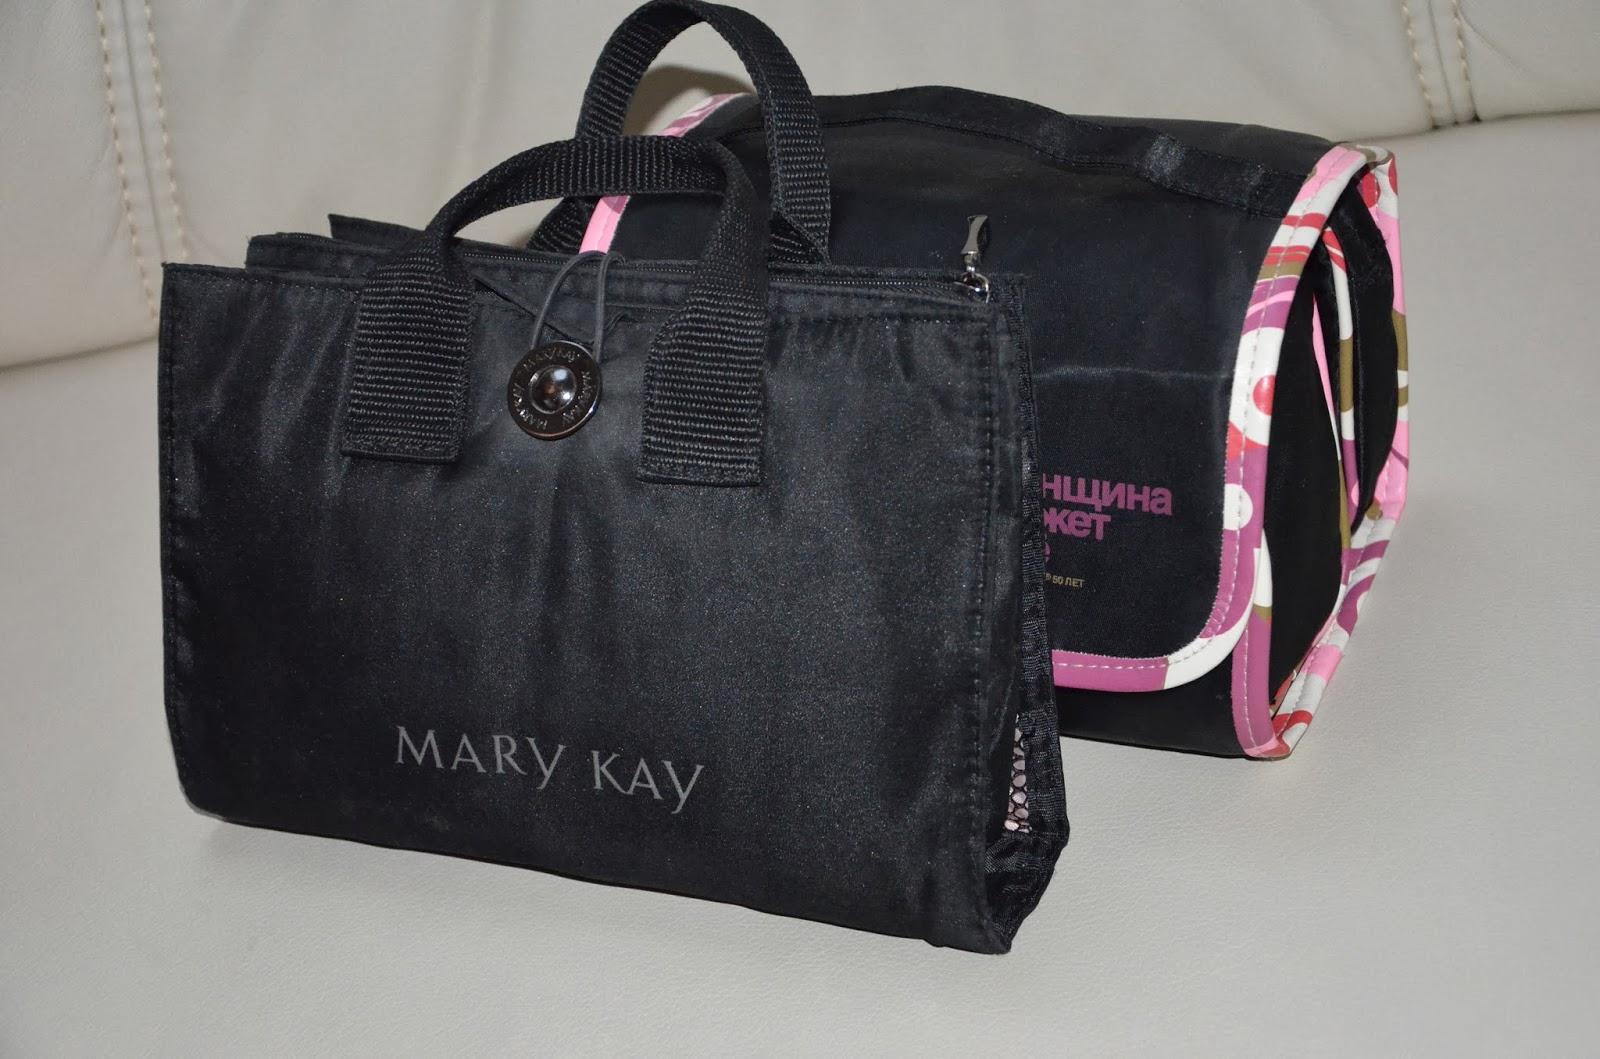 Сумки mary kay, Аксессуары Mary Kay Отзывы покупателей 4 фотография